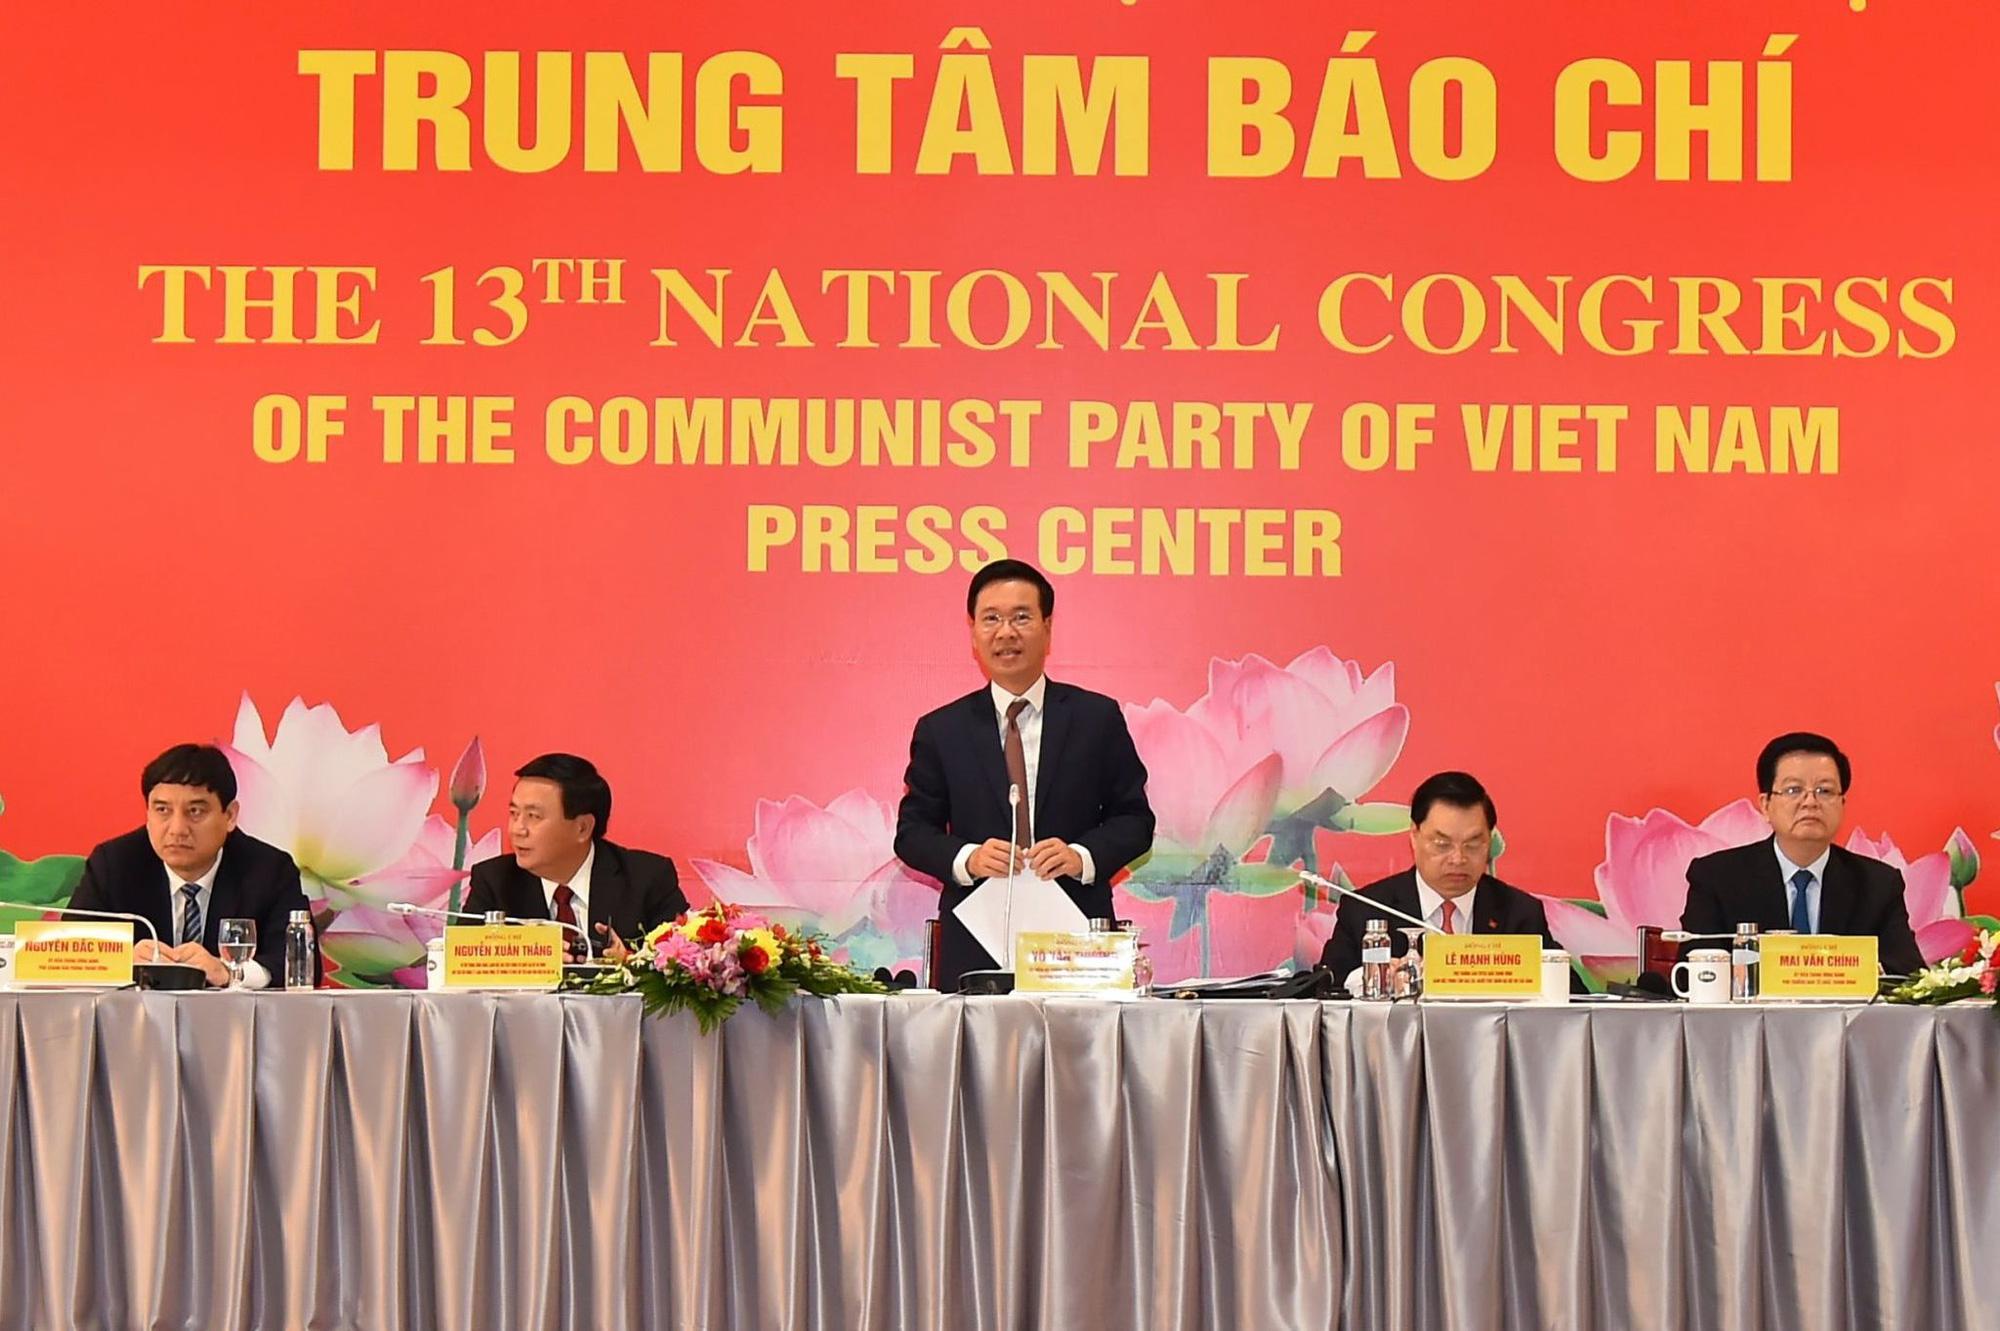 Ủy viên Bộ Chính trị Võ Văn Thưởng: Đã chuẩn bị rất kỹ cho các chức danh lãnh đạo chủ chốt của Đảng, Nhà nước - Ảnh 1.